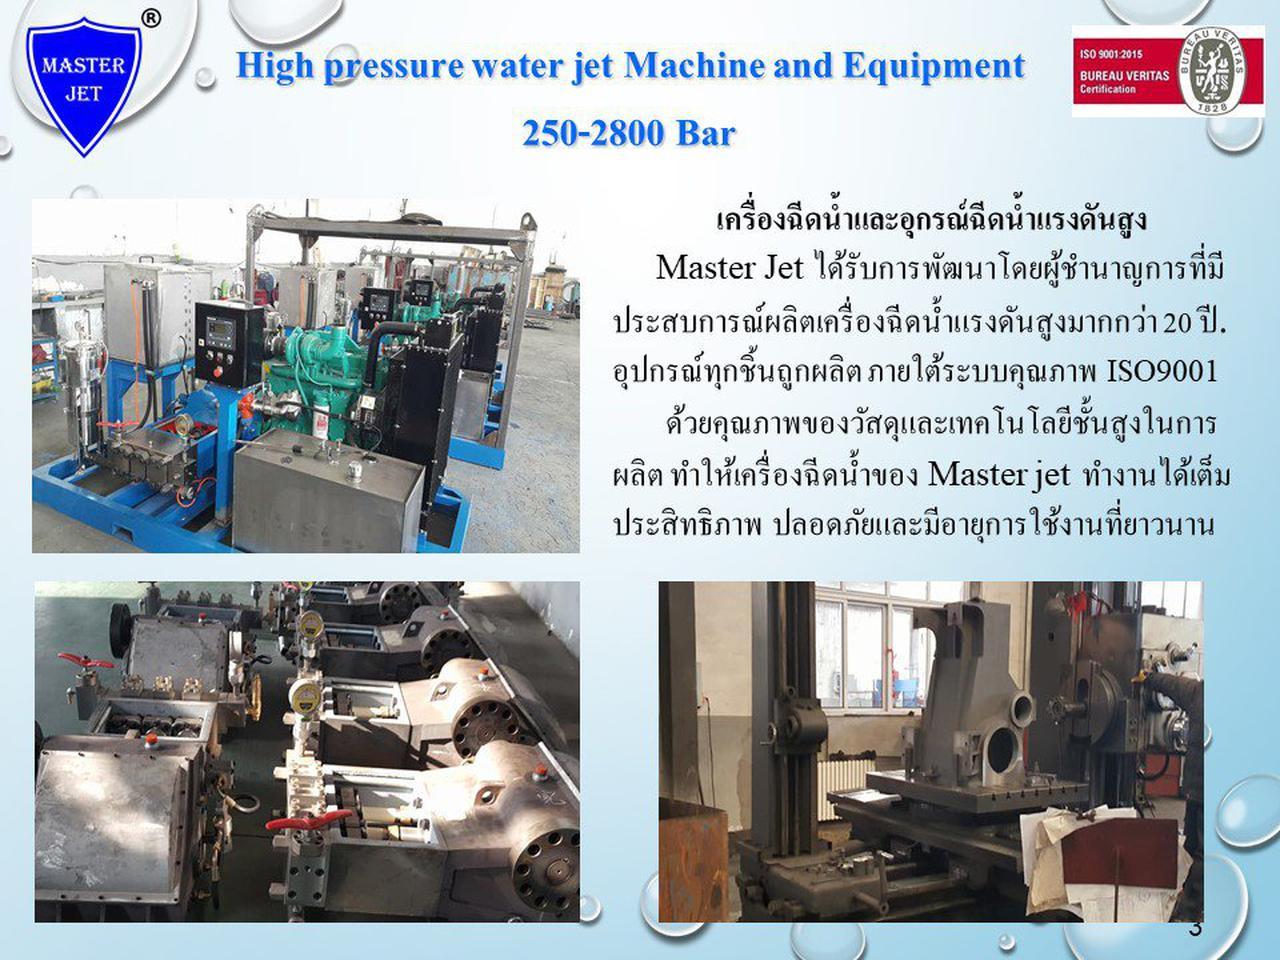 ขาย-ให้เช่า-เซอร์วิส อุปกรณ์เครื่องฉีดน้ำแรงดันสูง รูปที่ 4